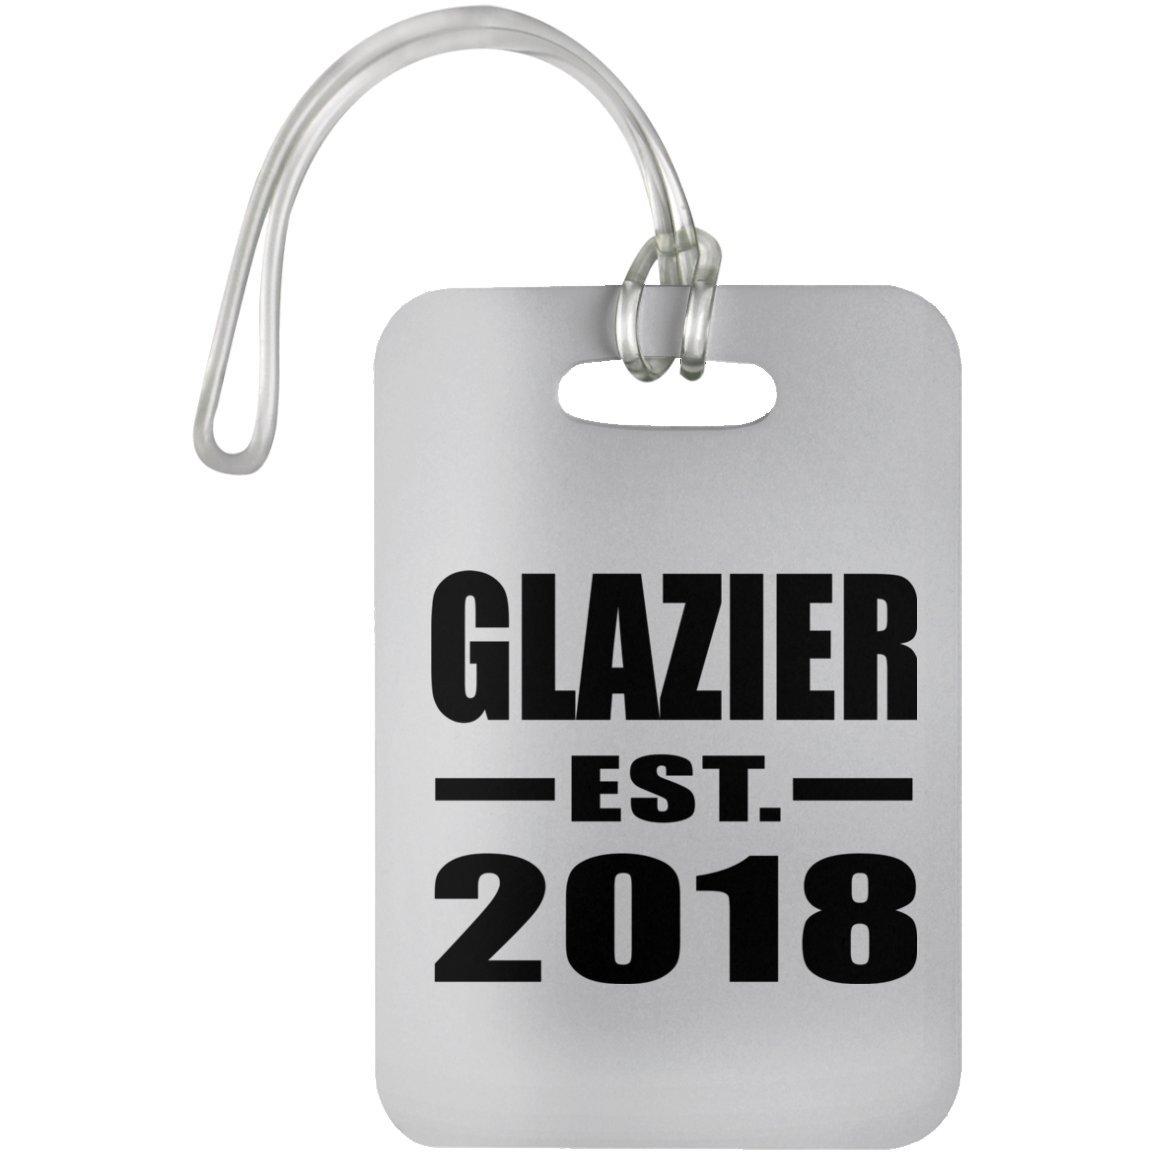 Designsify Glazier Established EST. 2018 - Luggage Tag Étiquette de Valise Croisière Valise Baguage - Cadeau pour Anniversaire Fête des Mères Fête des Pères Pâques